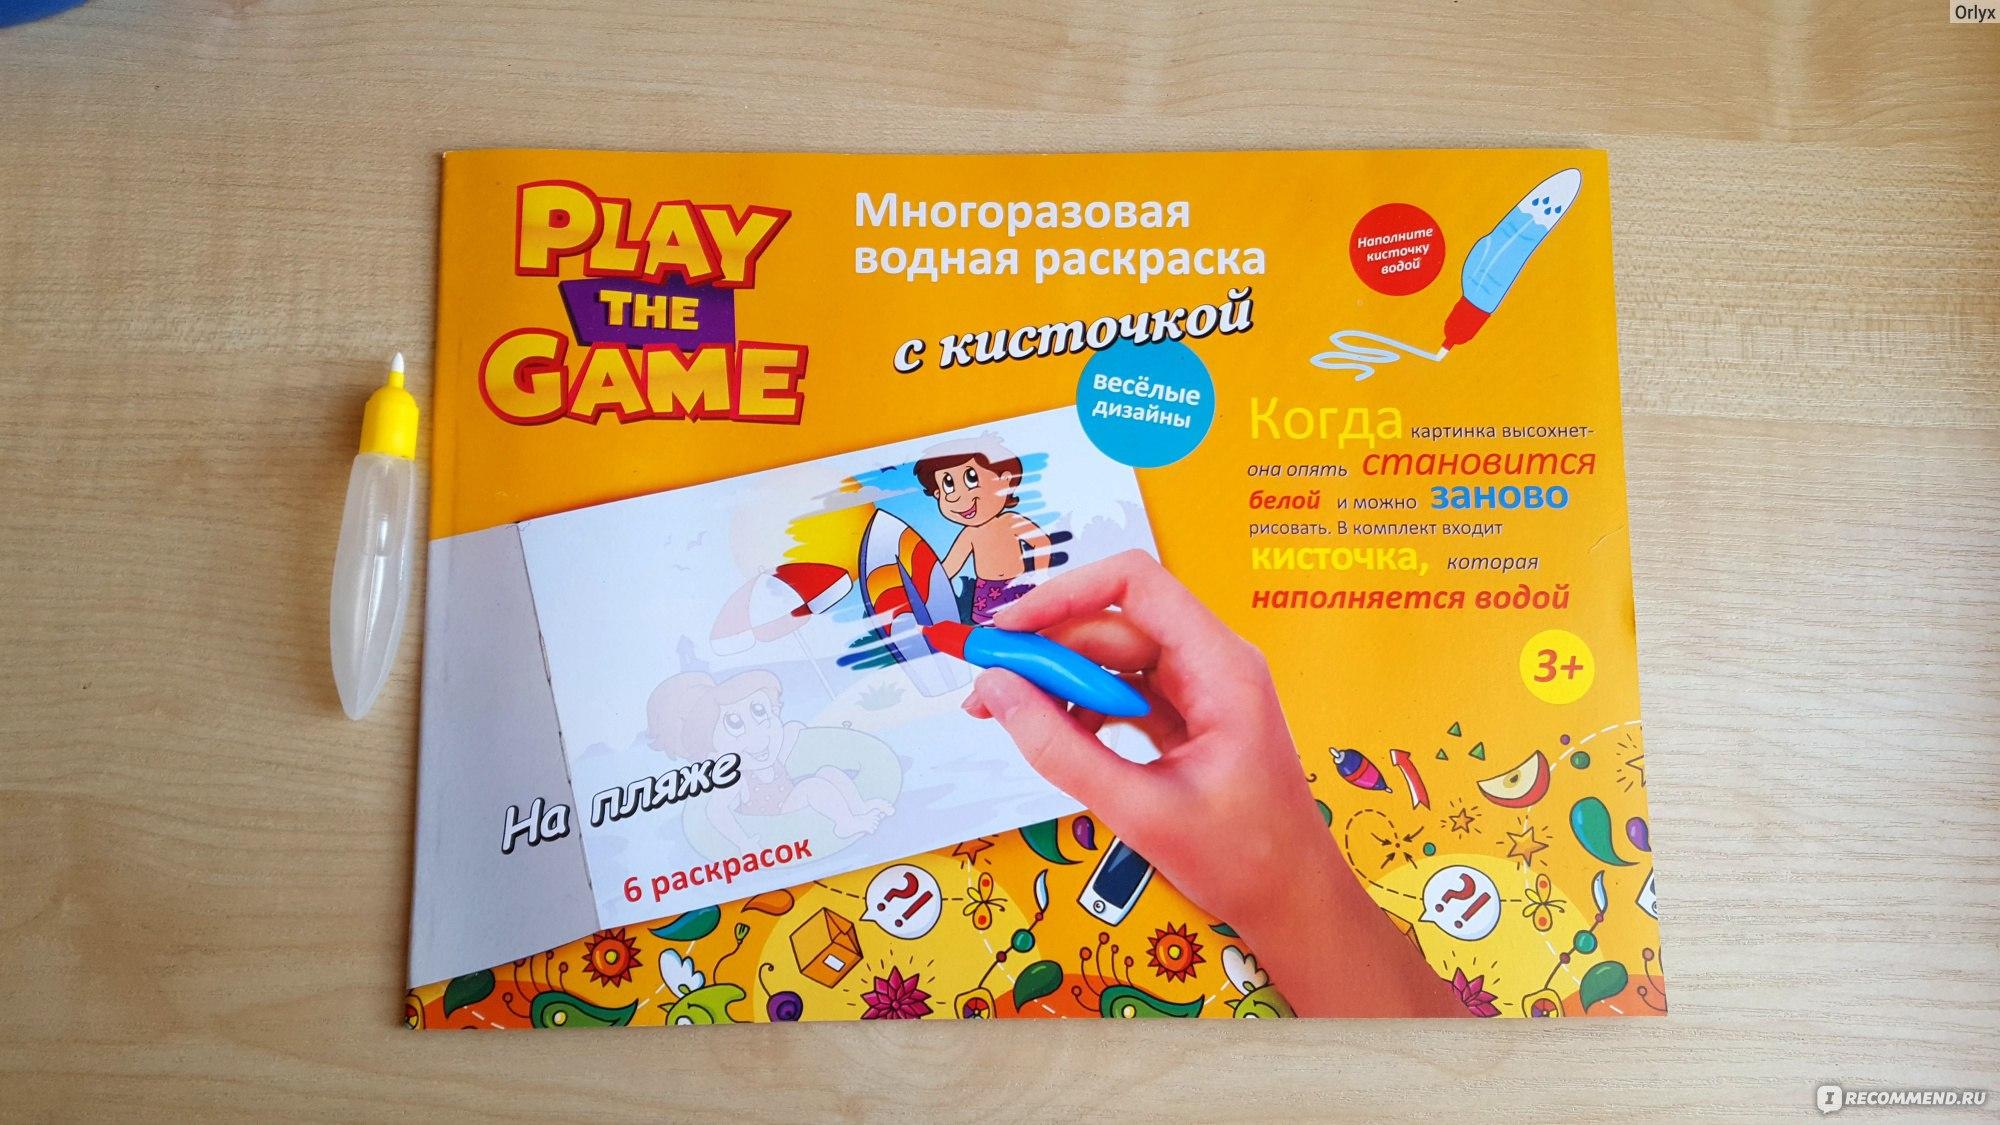 многоразовая водная раскраска с кисточкой Play The Game